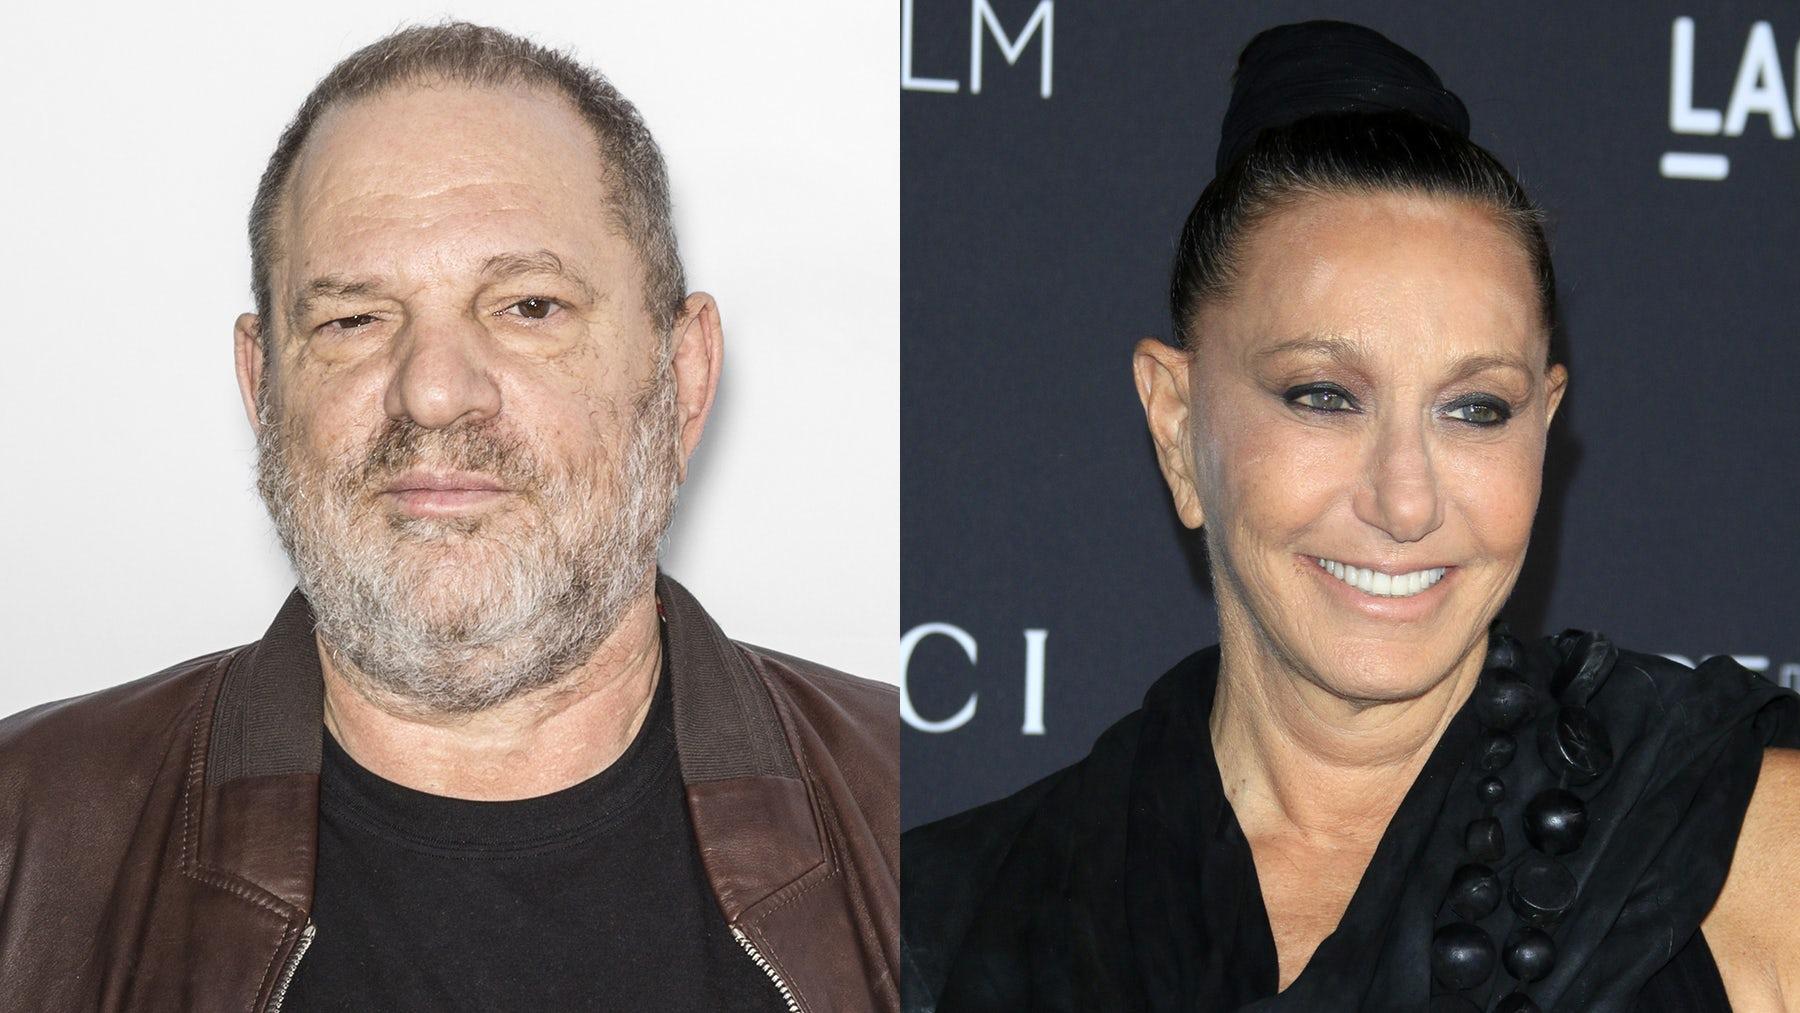 Harvey Weinstein and Donna Karan | Source: Shutterstock